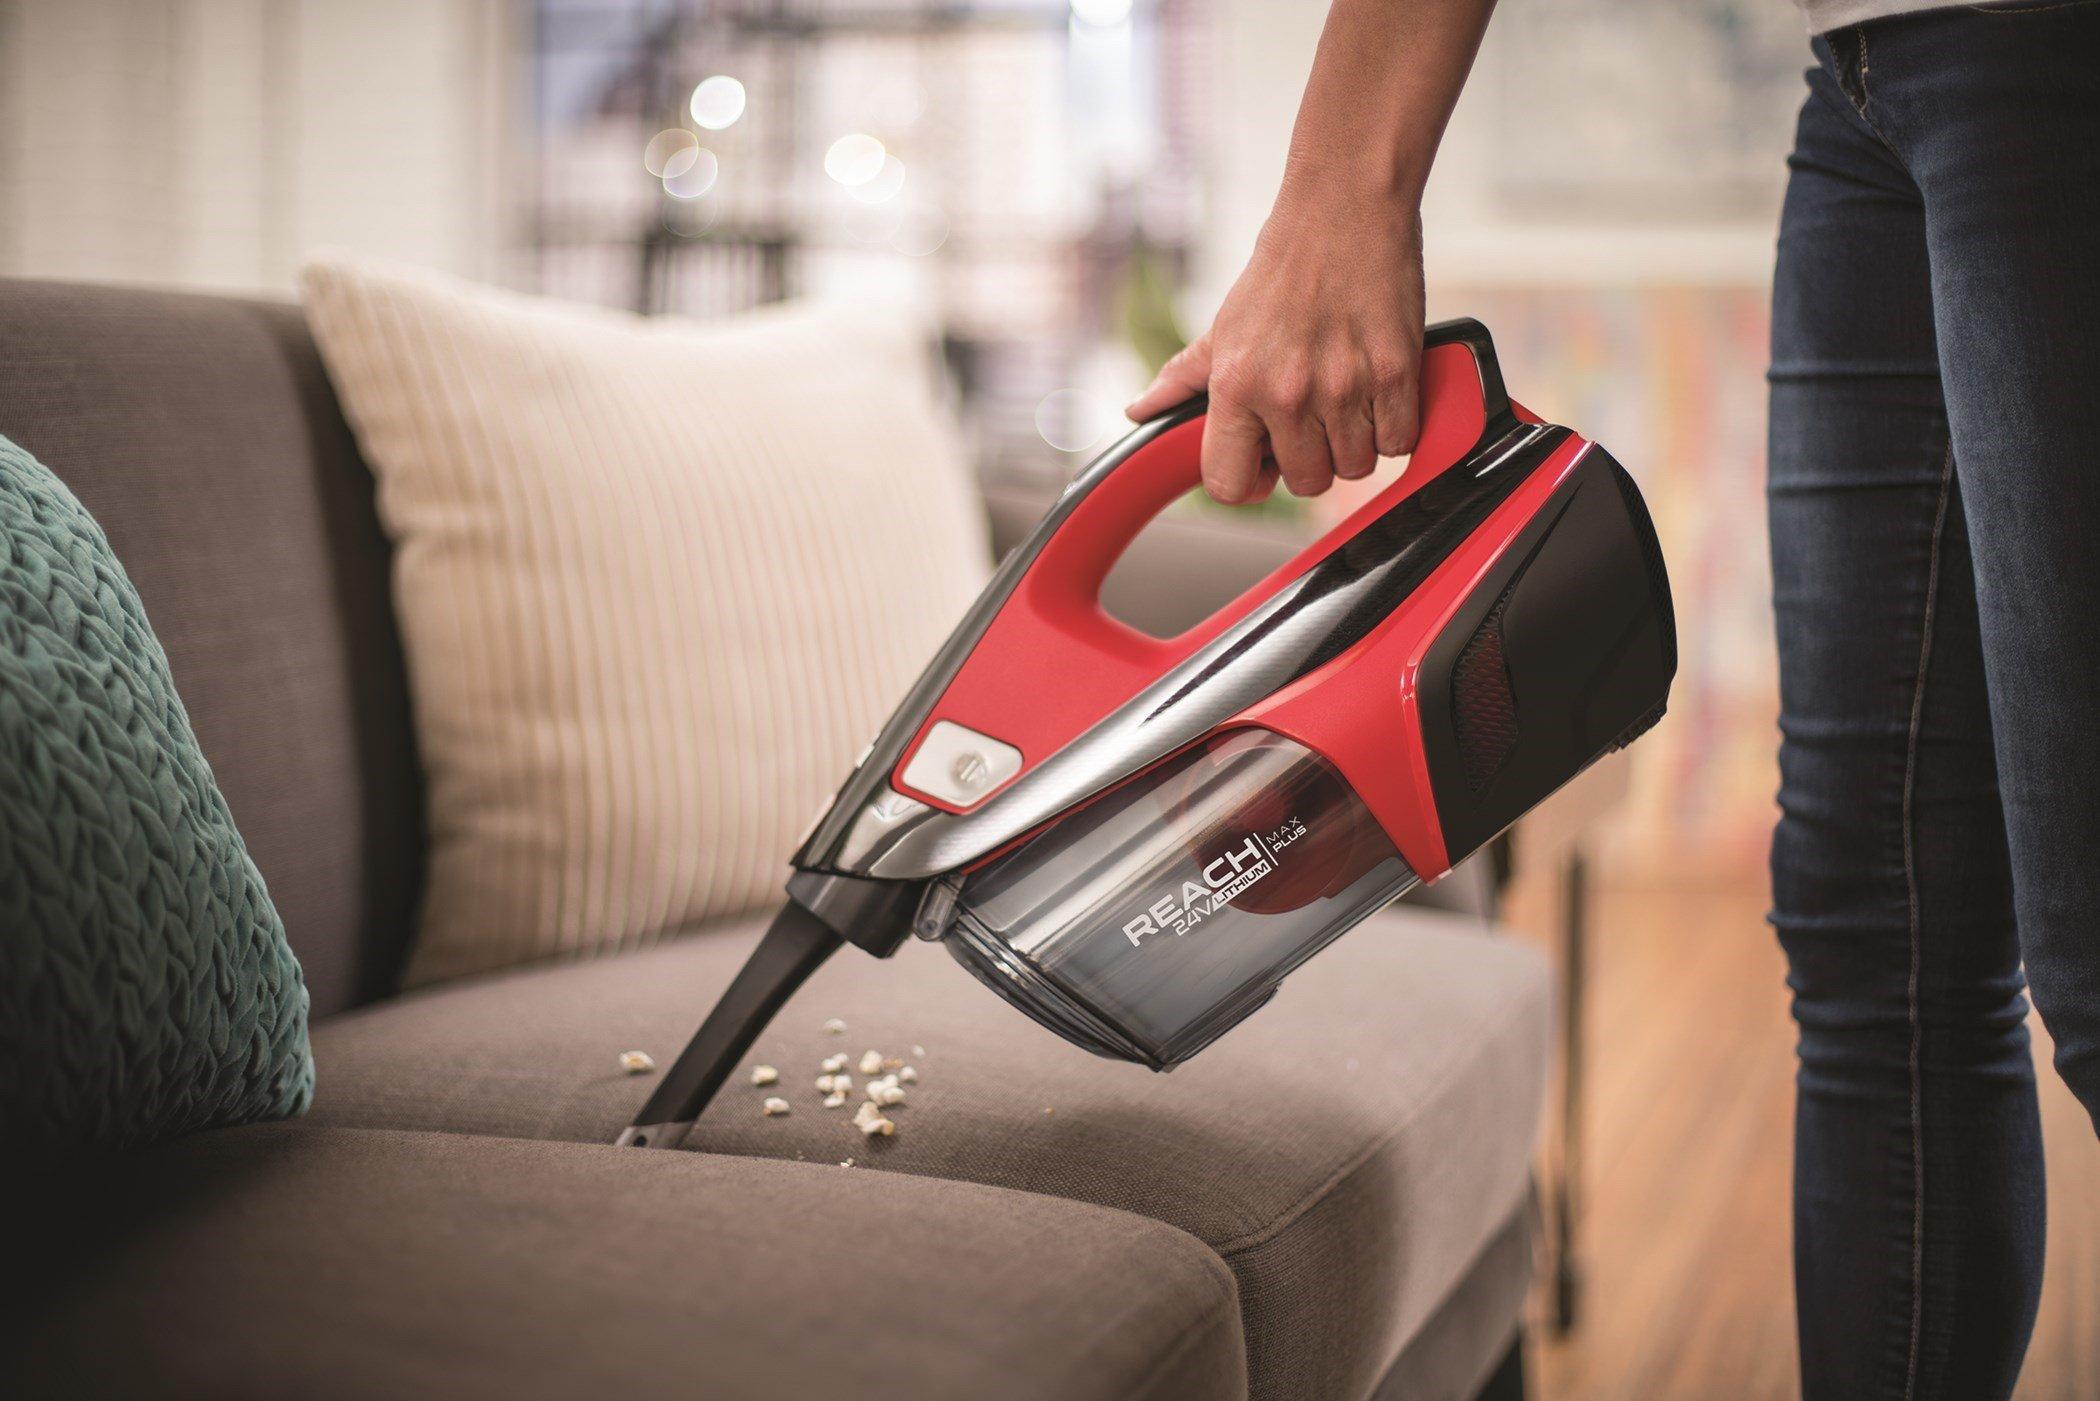 Reach Max Plus 3-in-1 Cordless Stick Vacuum4